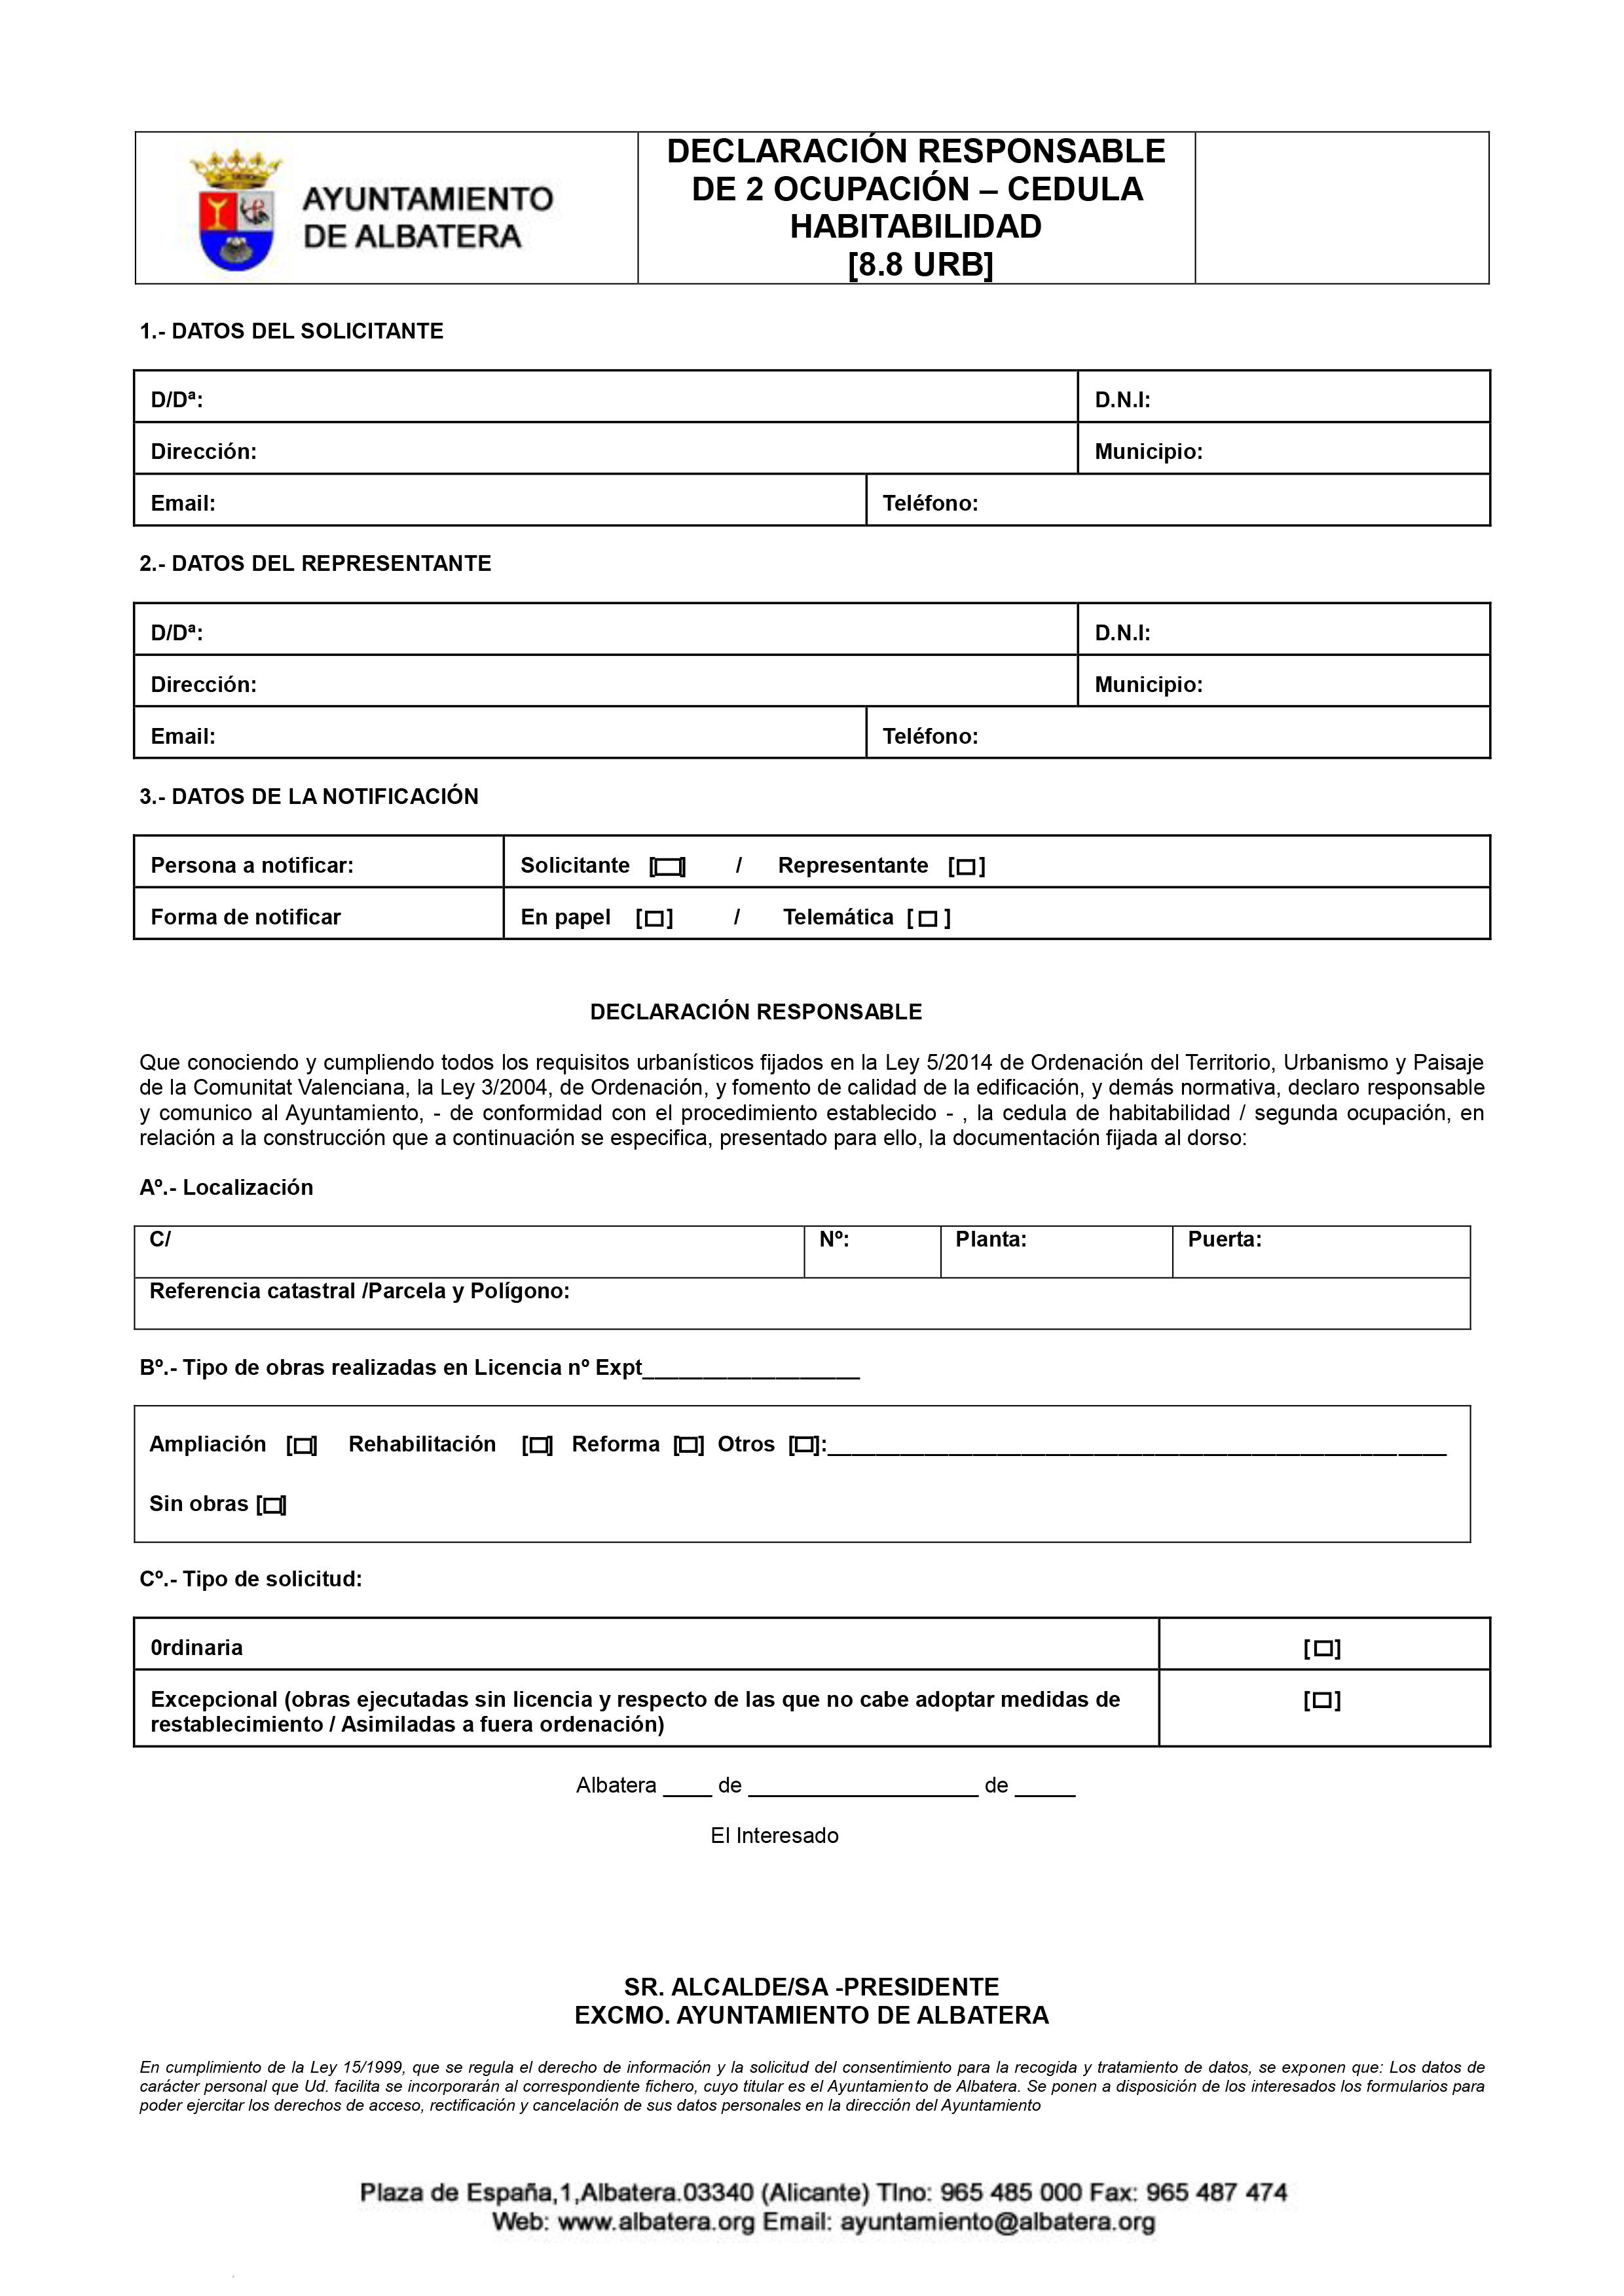 Impreso Declaración Responsable Segunda Ocupación Albatera